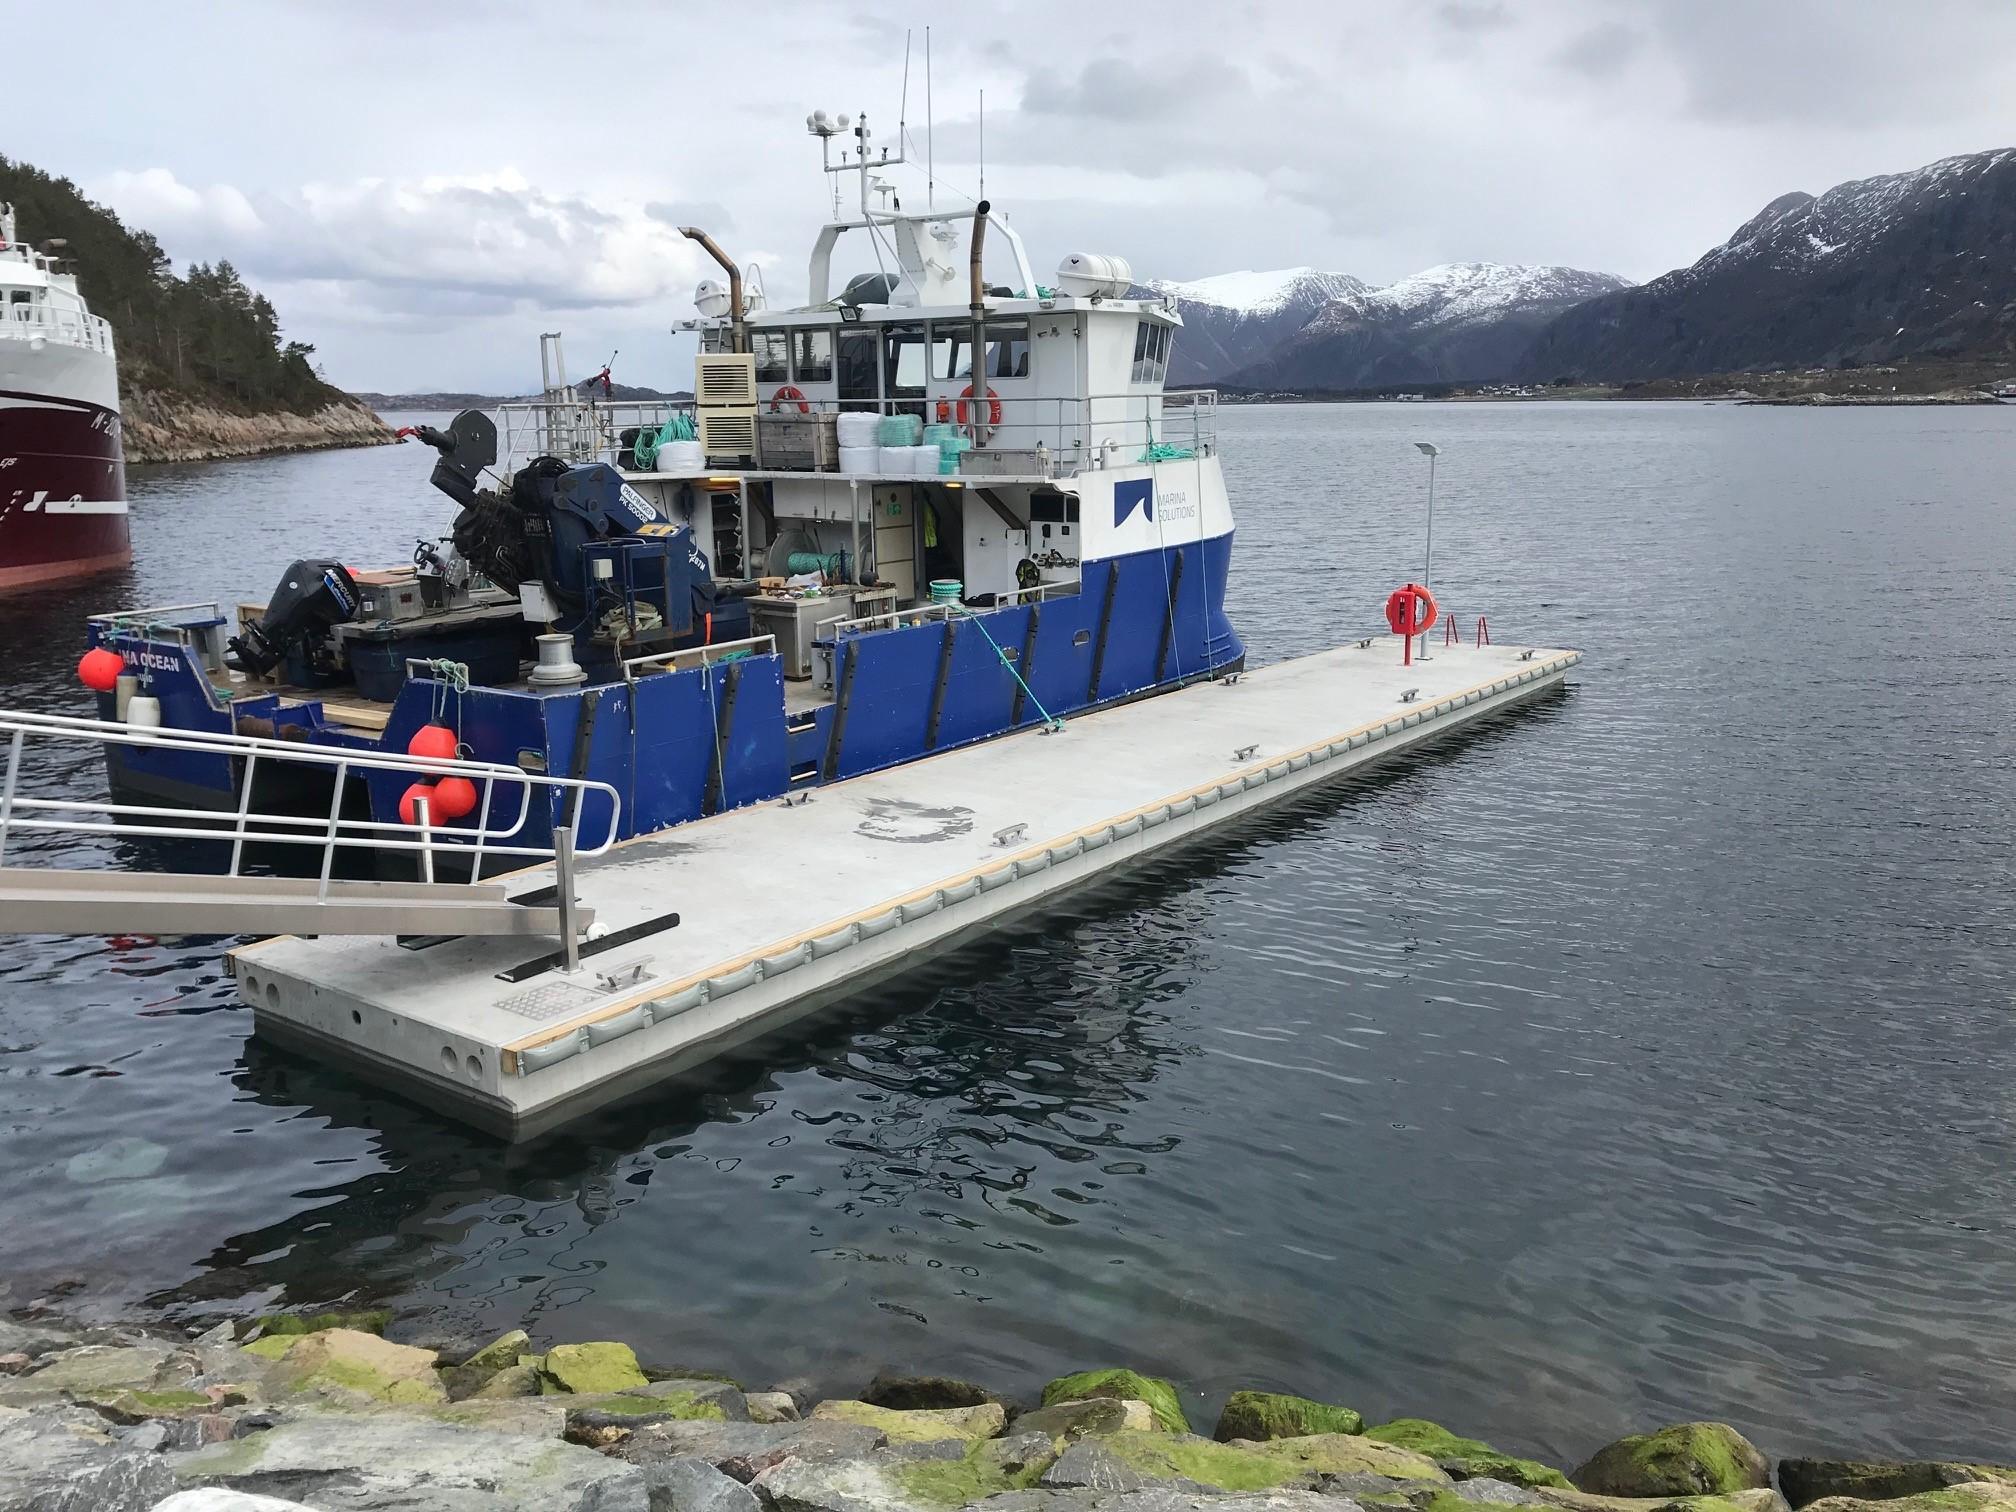 https://marinasolutions.no/uploads/Brygge-Silver-Seafood-og-parma-fender-2.jpg